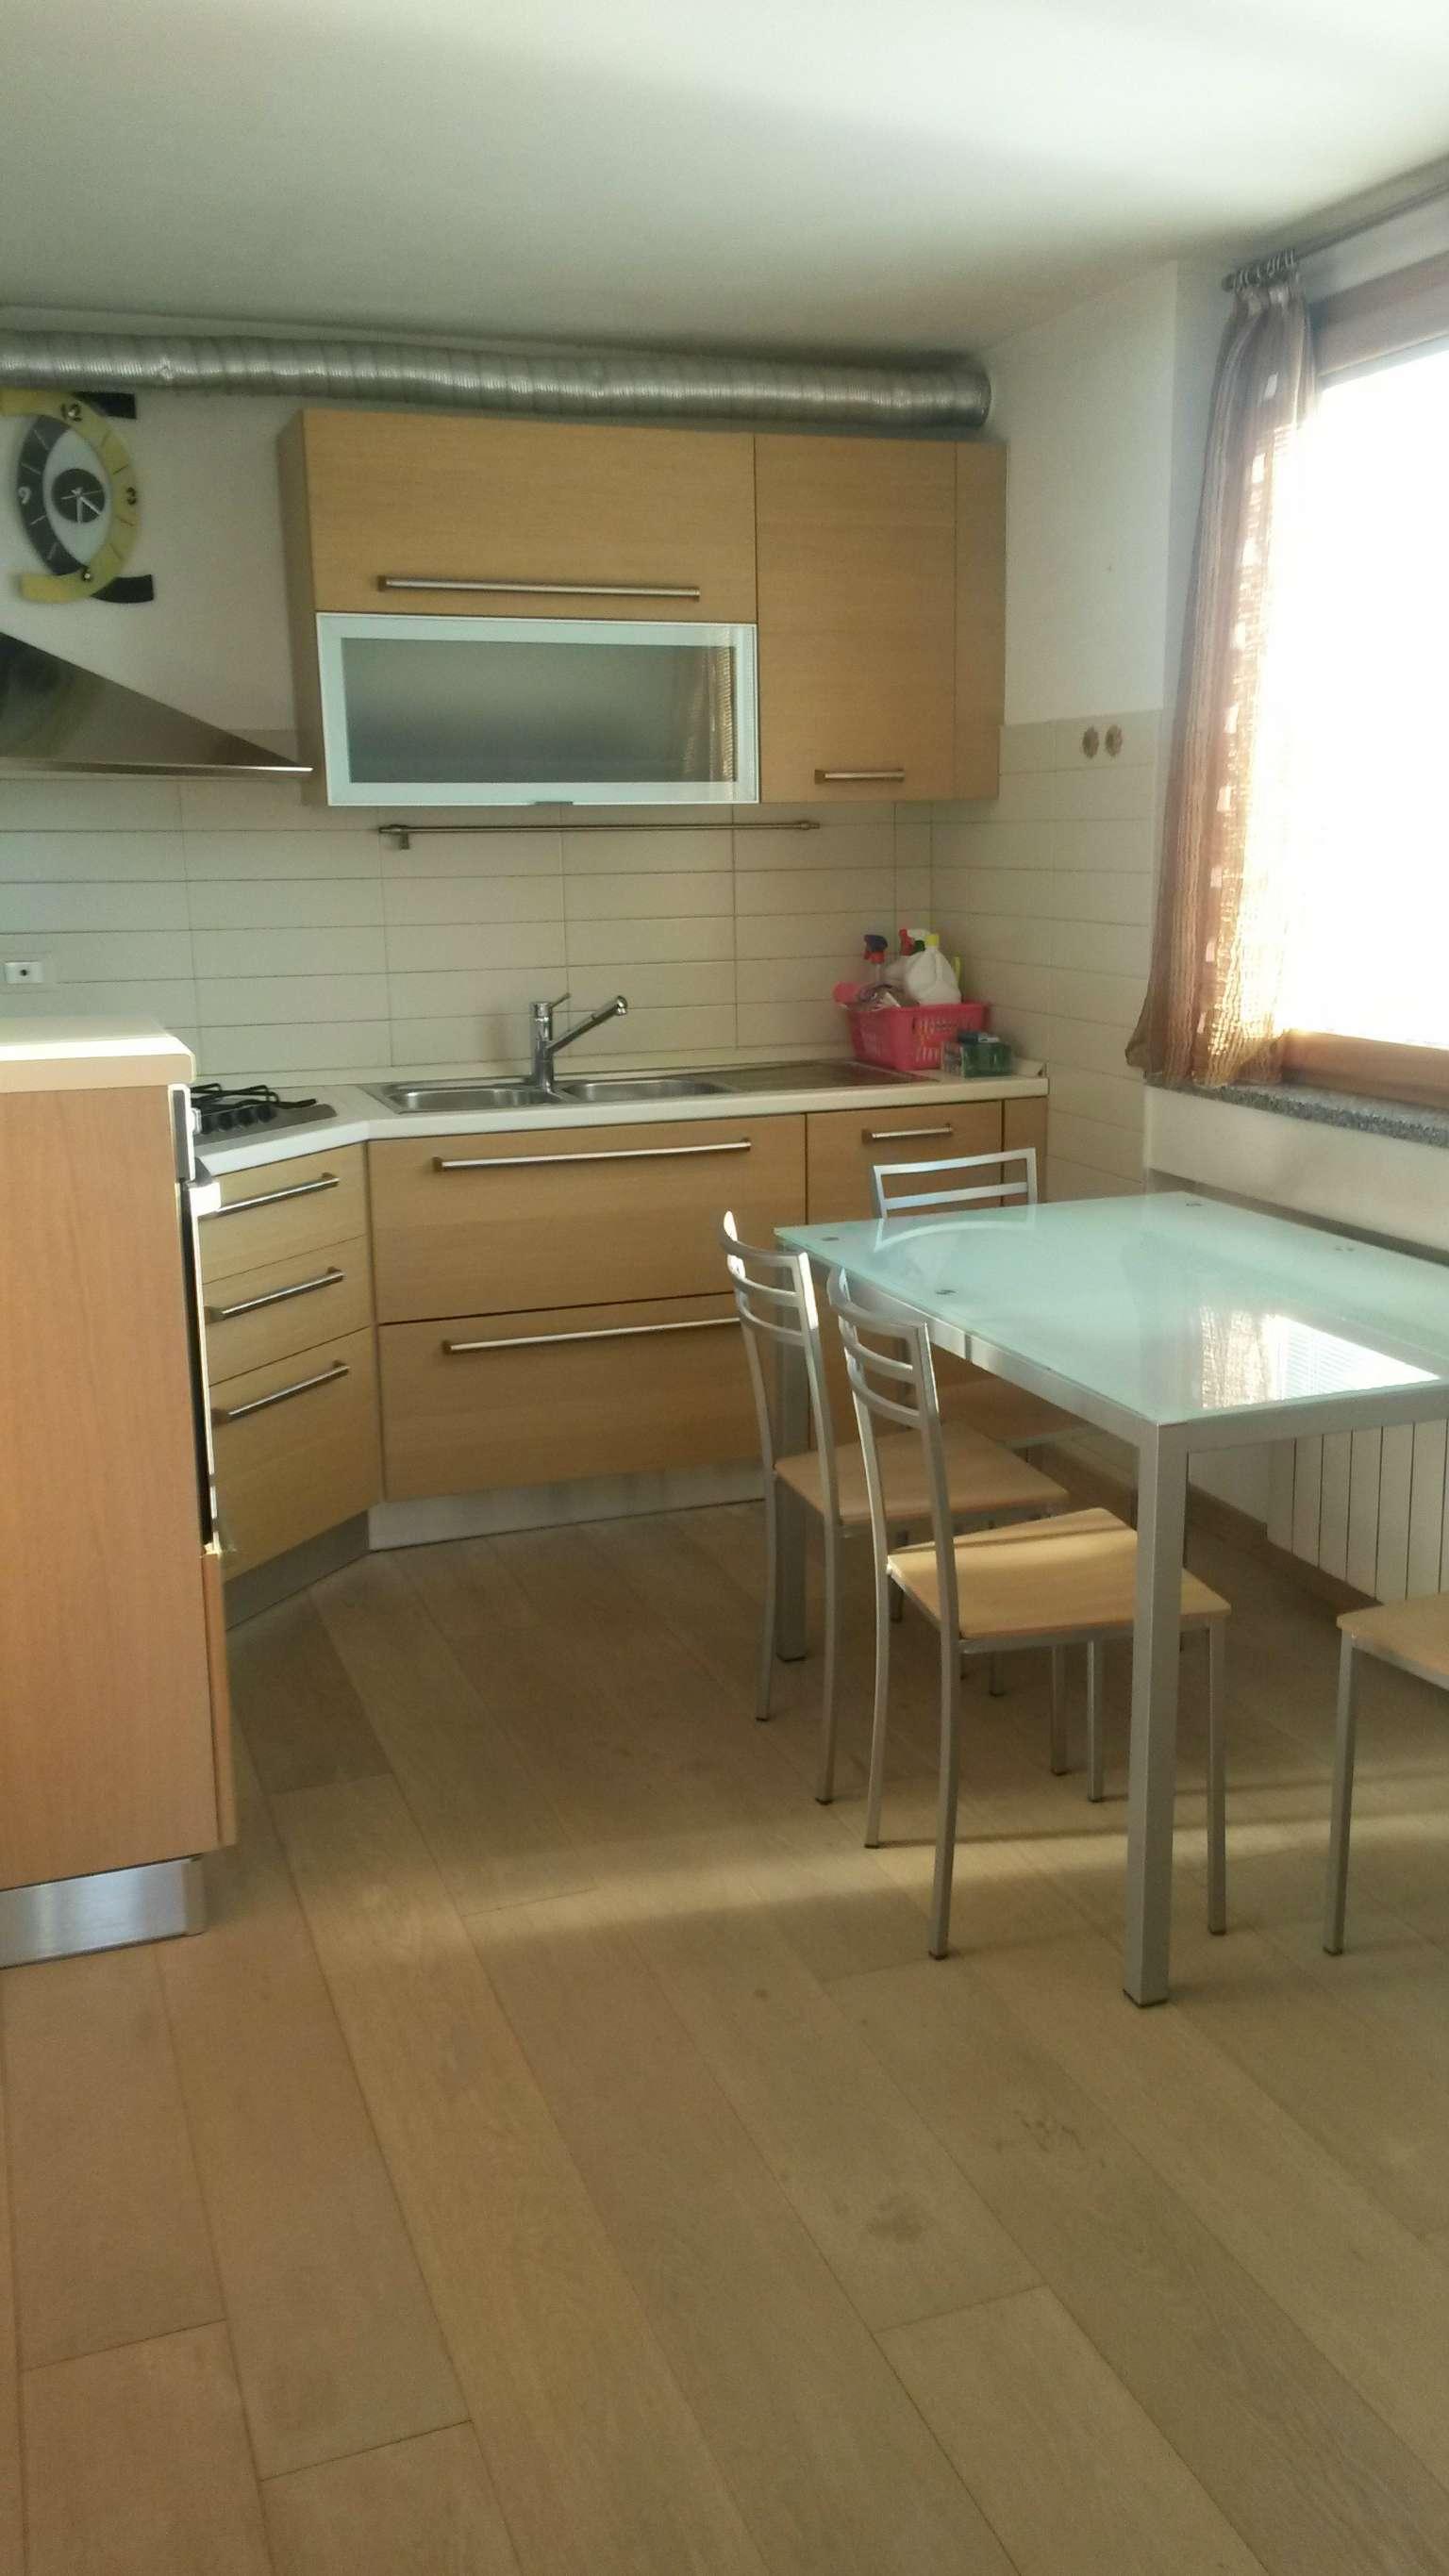 Appartamento in vendita a Guanzate, 3 locali, prezzo € 160.000 | CambioCasa.it